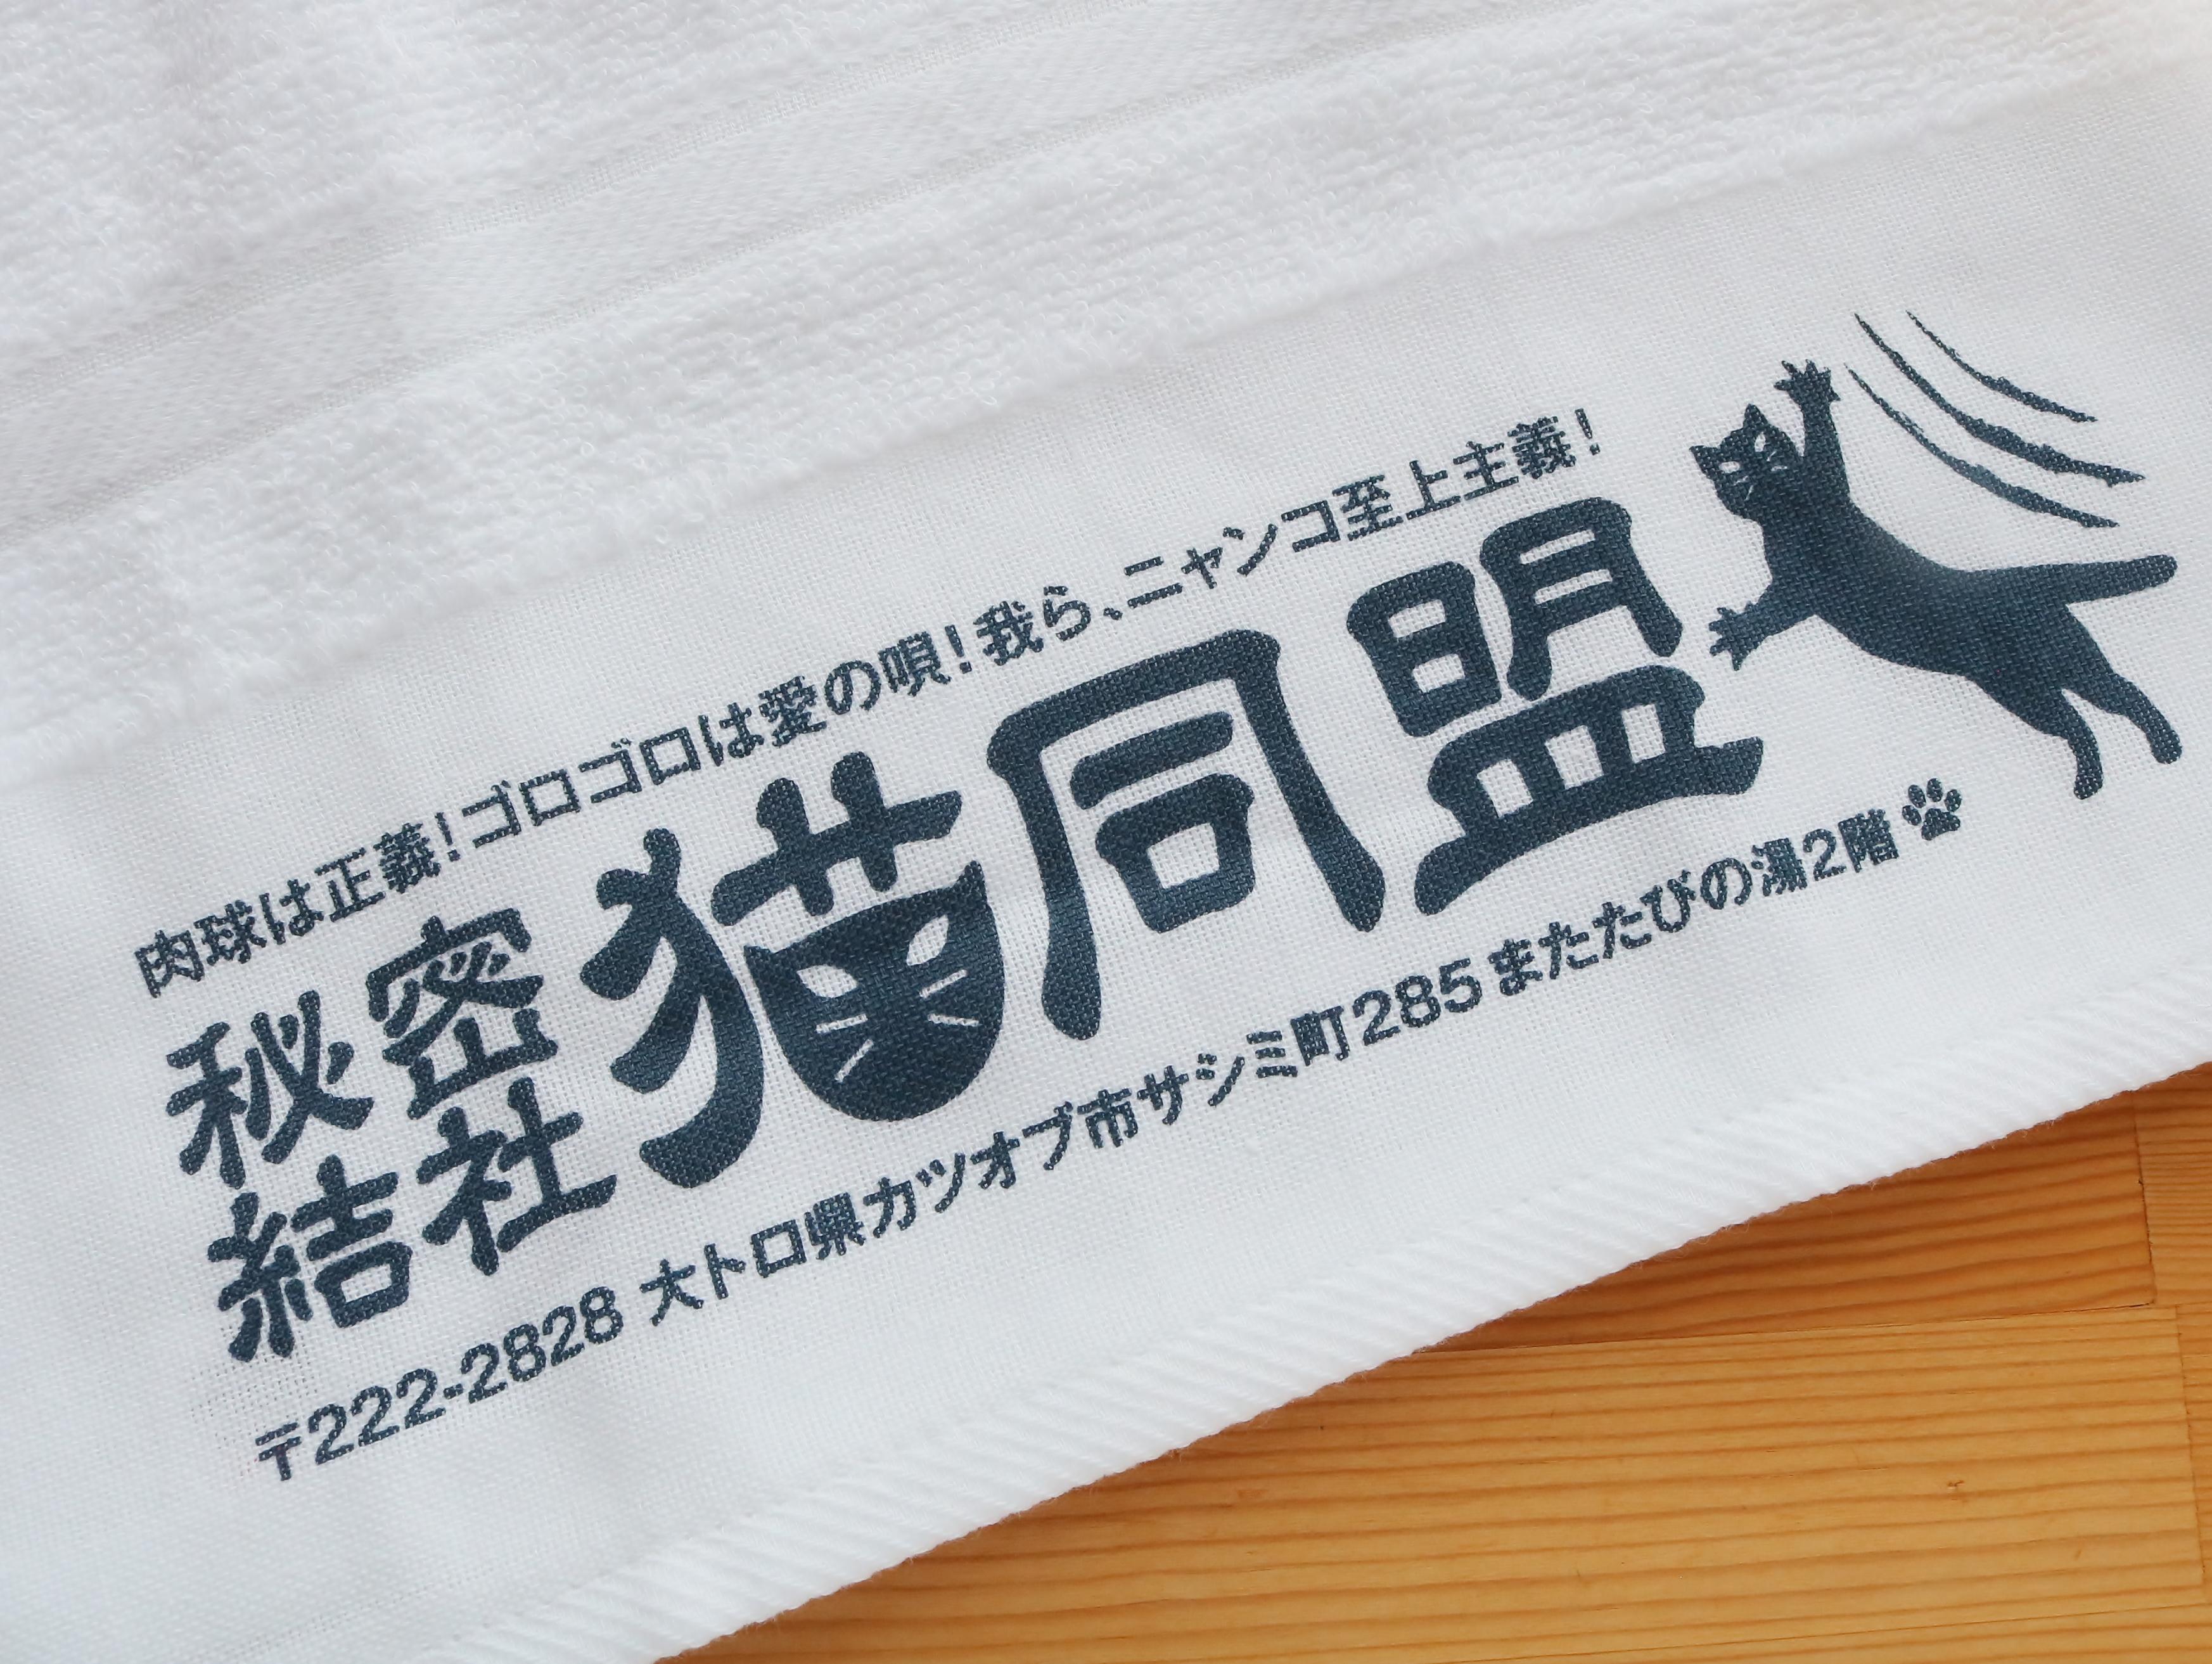 またたびの湯 タオル うみねこ社 手ぬぐい 秋田 かぎしっぽ 猫雑貨 猫グッズ